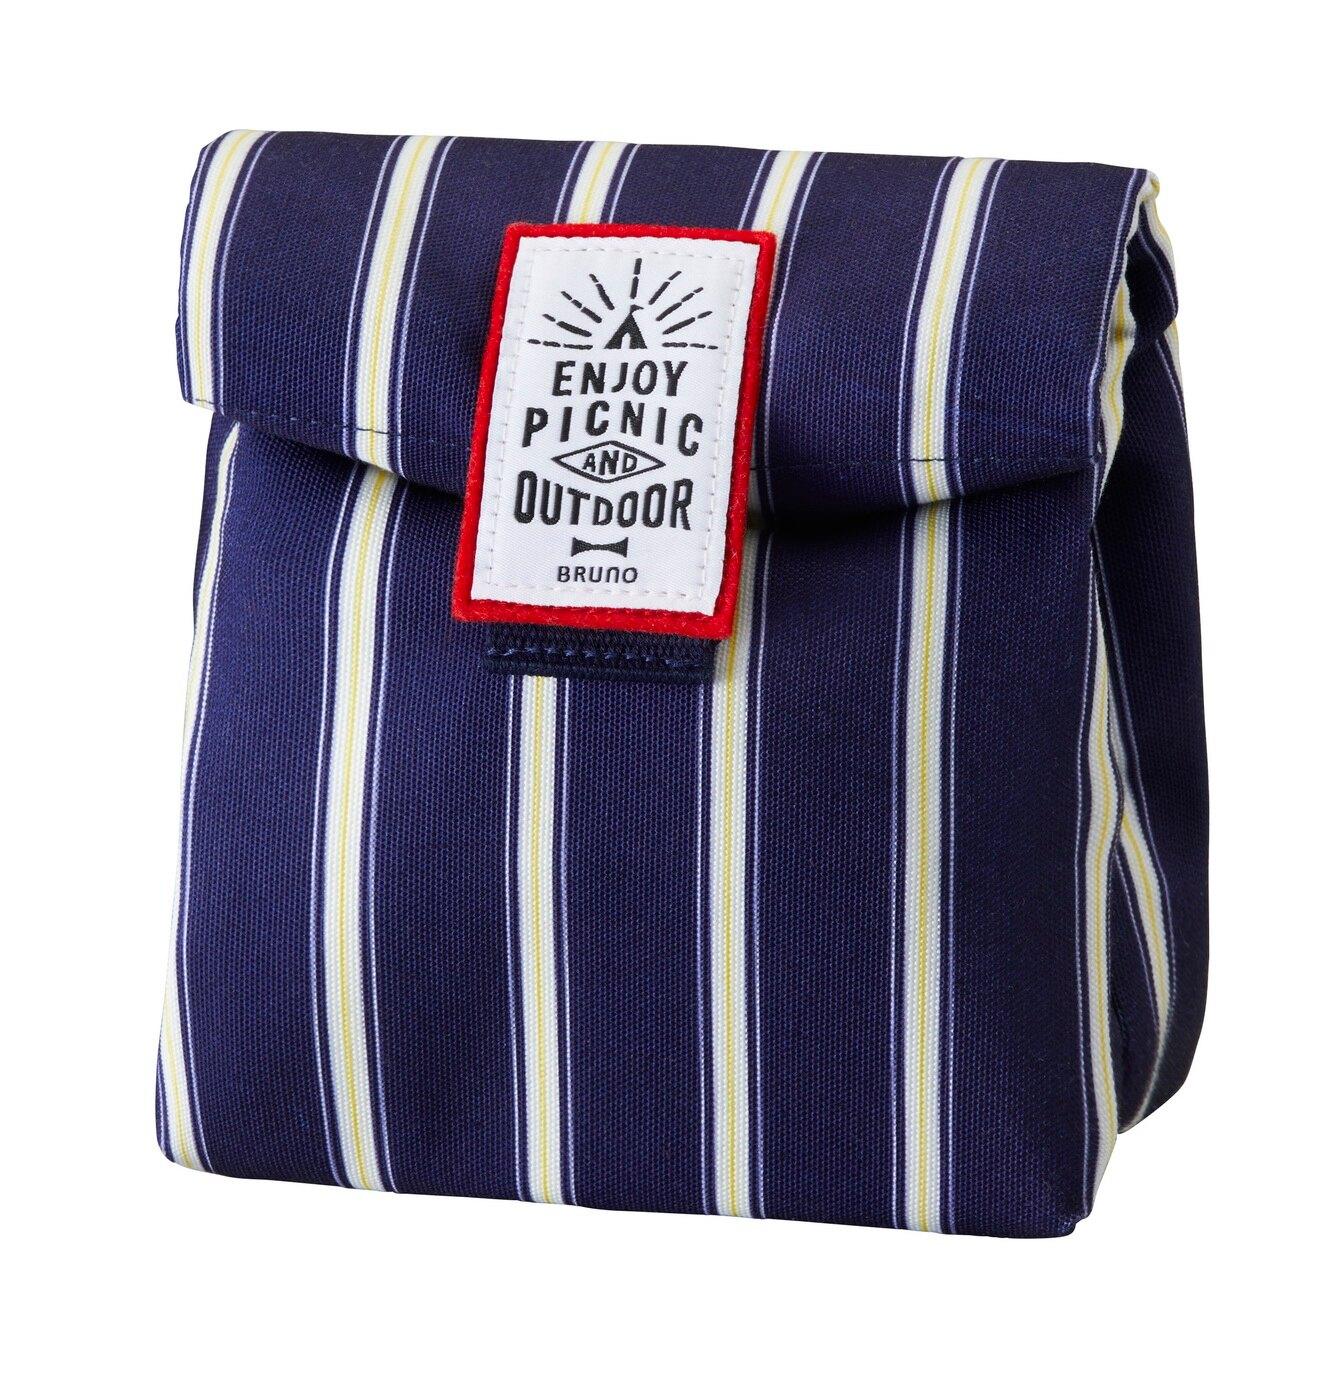 10%回饋【日本BRUNO】野趣保溫保冷午餐包BHK157